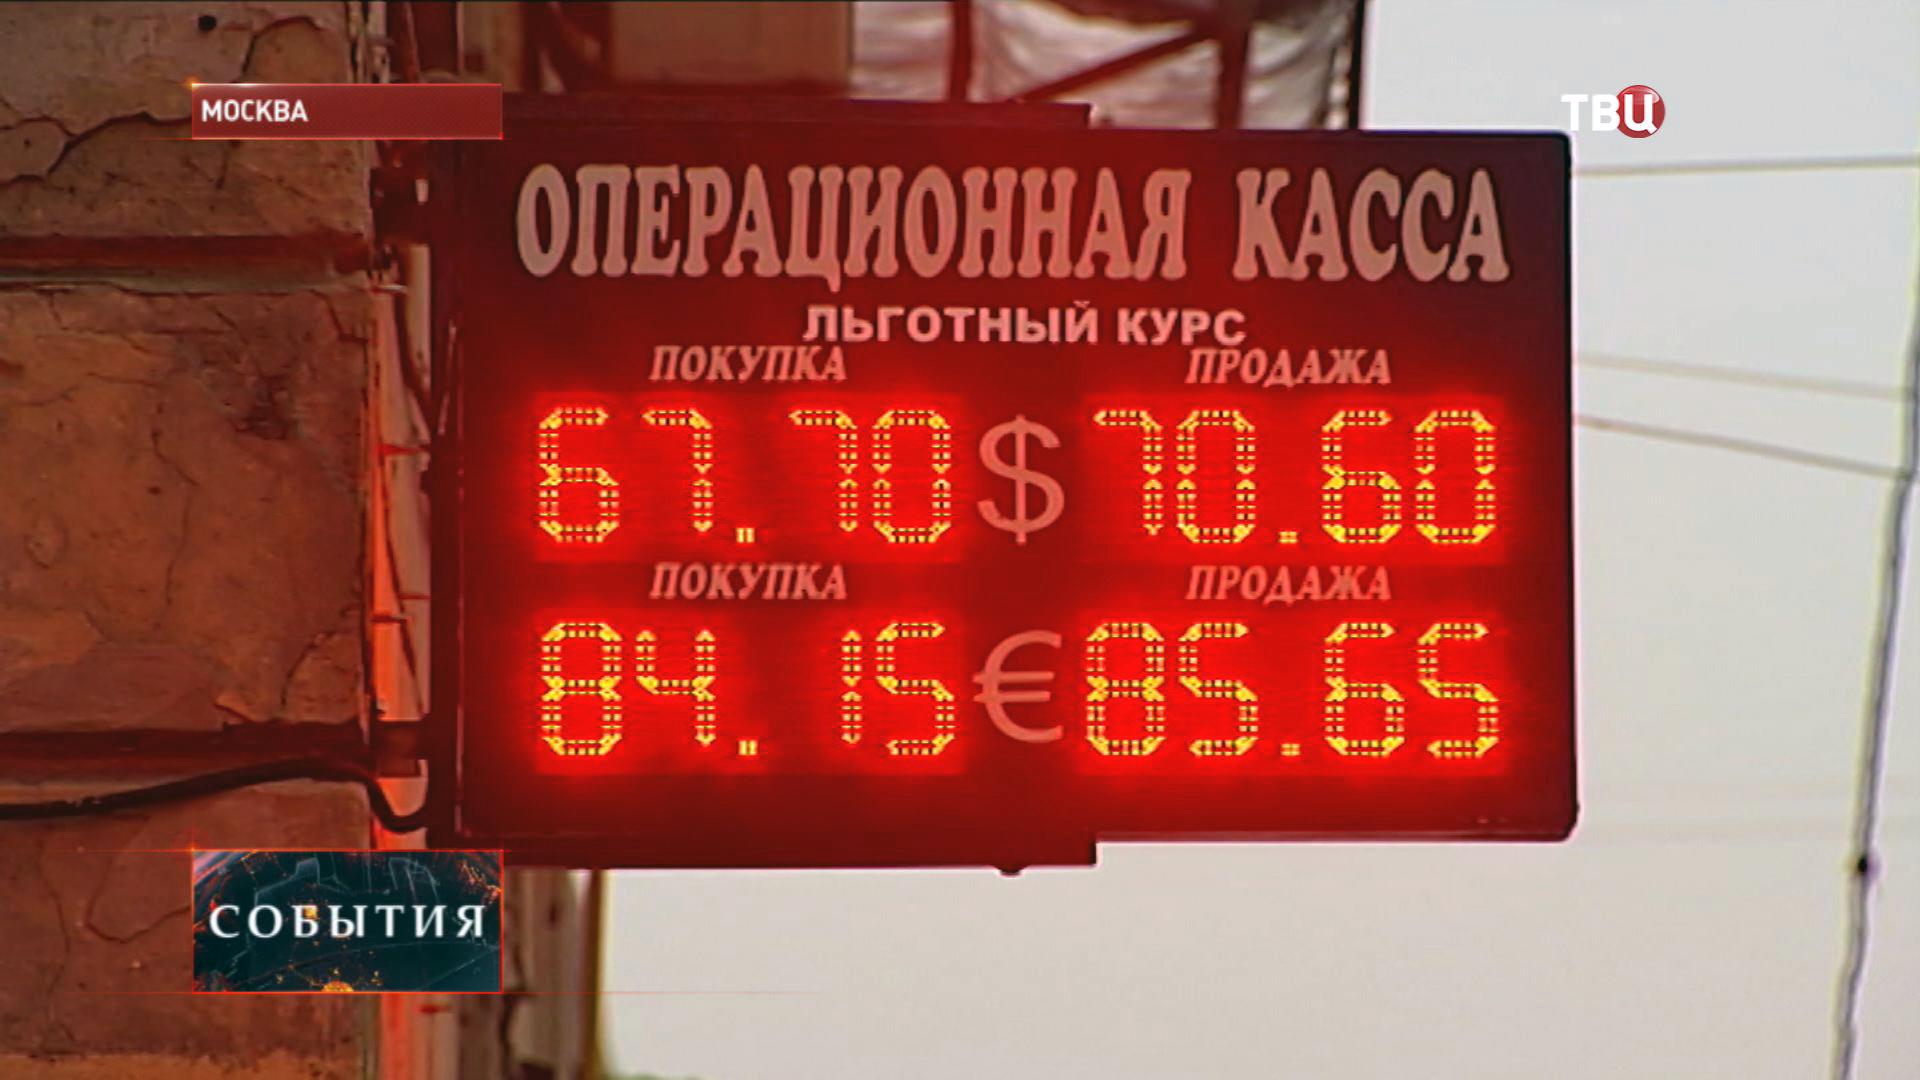 Информационное табло одного из банков Москвы